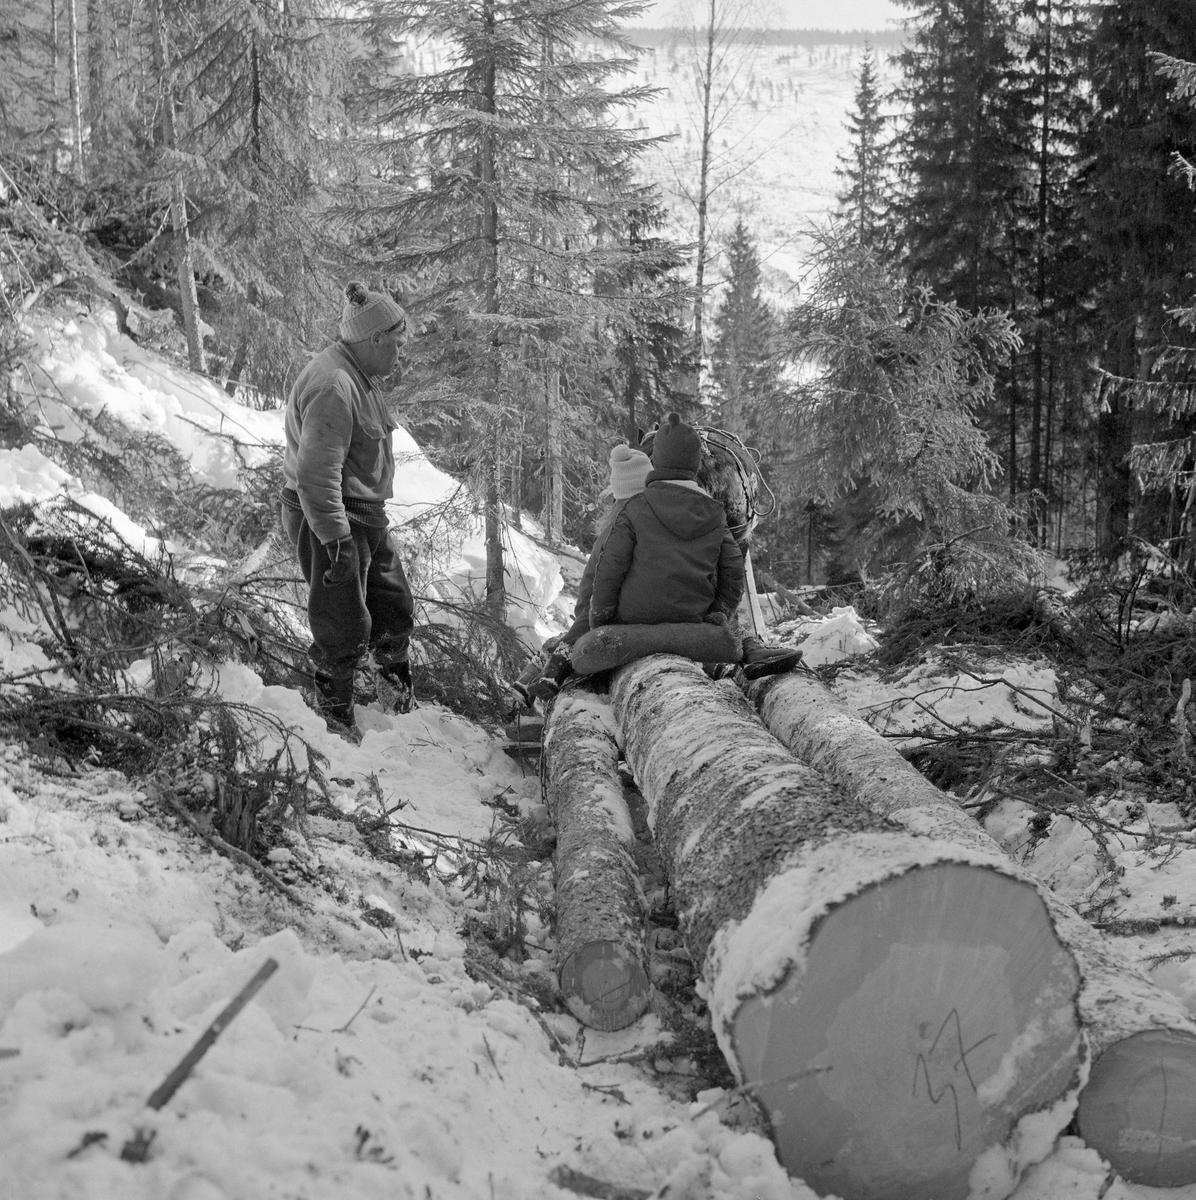 Tømmerkjøring på bukk i Jordet Trysil. Fotografiet er tatt på et sted der tømmervegen gikk i en forsenkning i et terreng med fleraldret granskog, der noen av de groveste trærne var felt. Bildet er tatt fra en posisjon bak et lass med ubarket grantømmer som var bundet fast på en «bukk» (framslede) som ble brukt som stutting under tømmerkjøringa. Trekkdyret var en dølahest. Tømmerkjøreren Ottar Flodberg stod ved siden av lasset, kledd i vadmelsbukser, «islender» (ullgenser) og topplue. På den fremre delen av lasset satt det to barn på en høysekk.